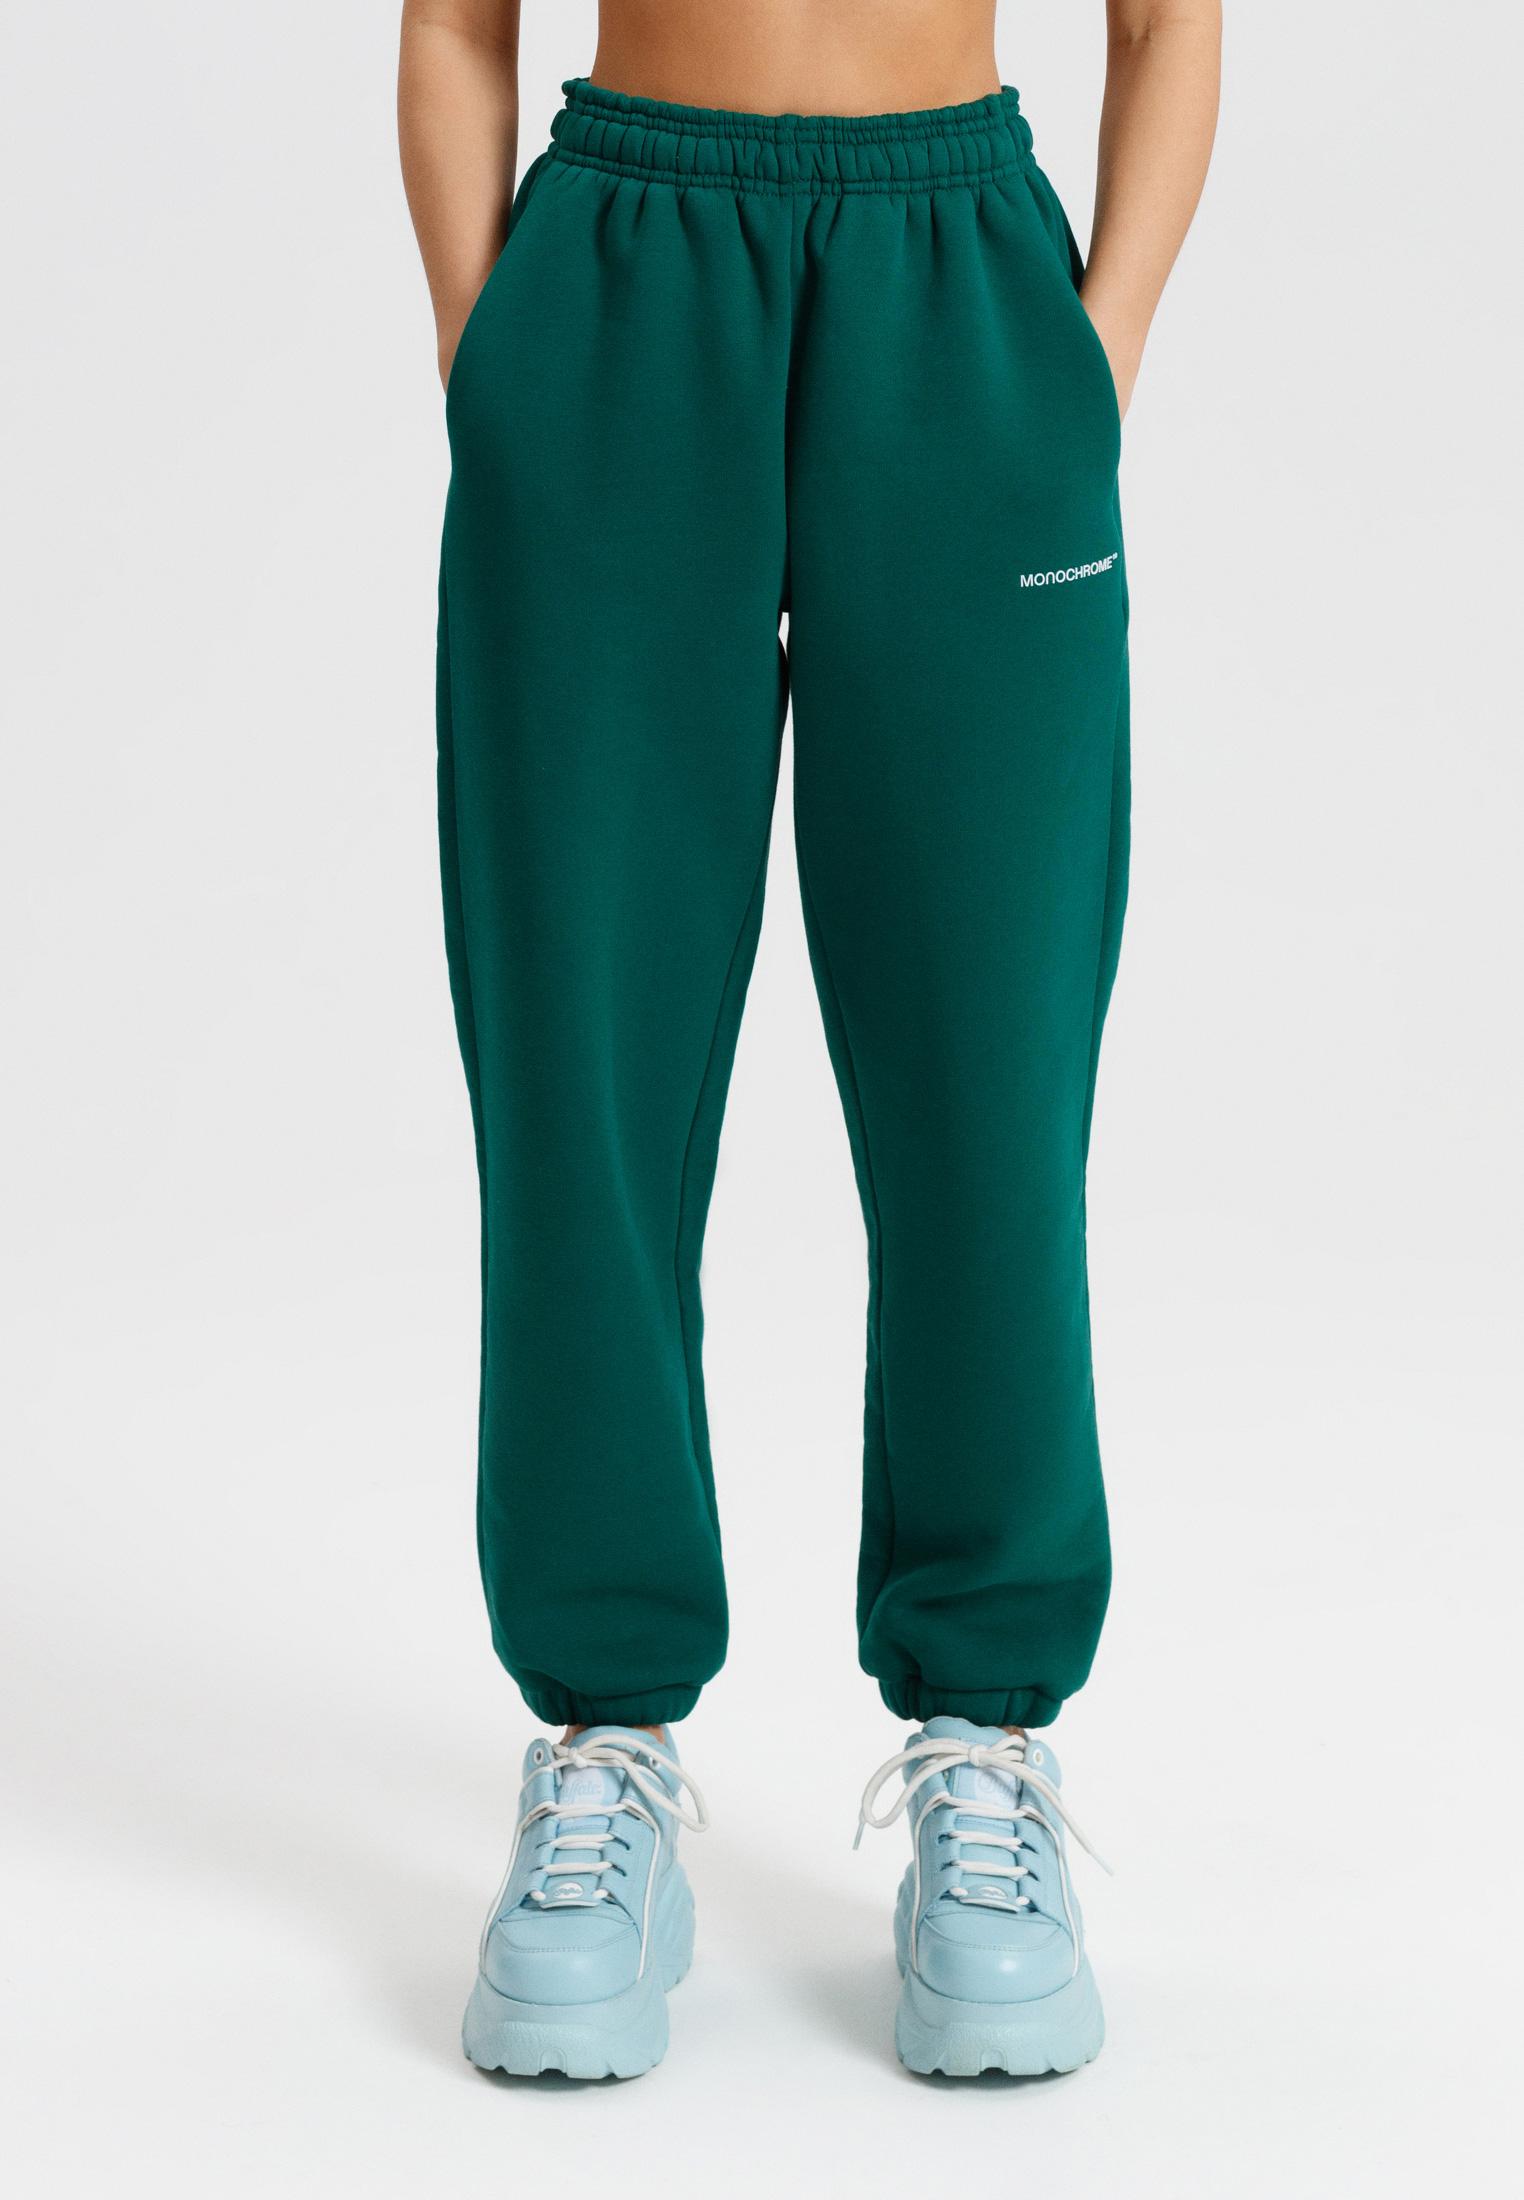 Женские спортивные брюки Monochrome M019-FLC-PNTS-TRE